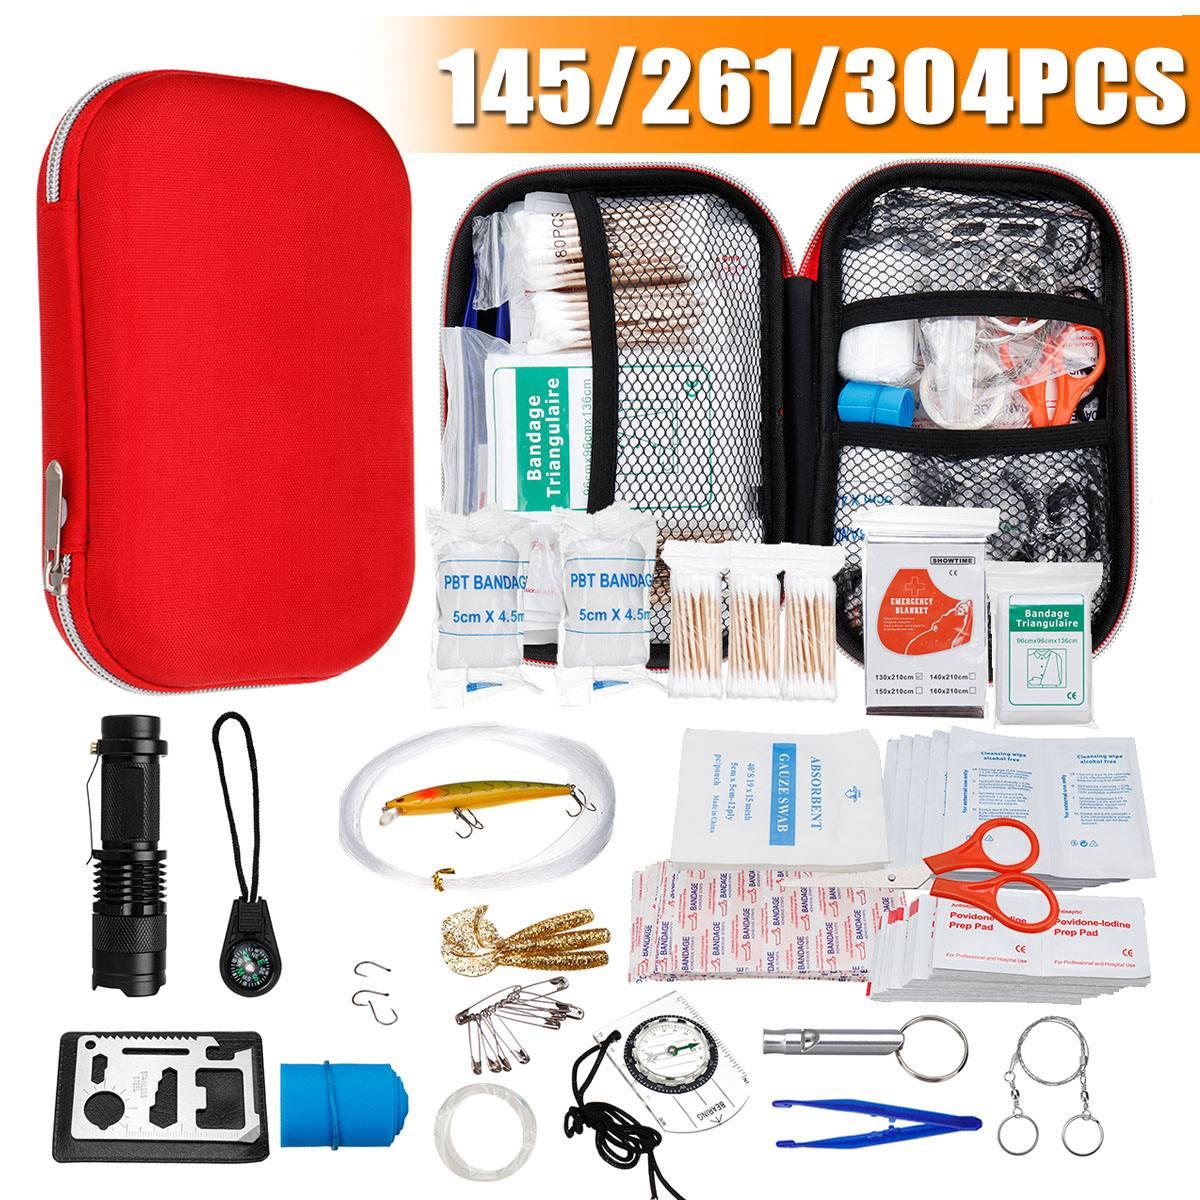 145/261/304 шт., мини-сумка первой помощи для кемпинга, походов, походов, дома, аптечка для скорой медицинской помощи